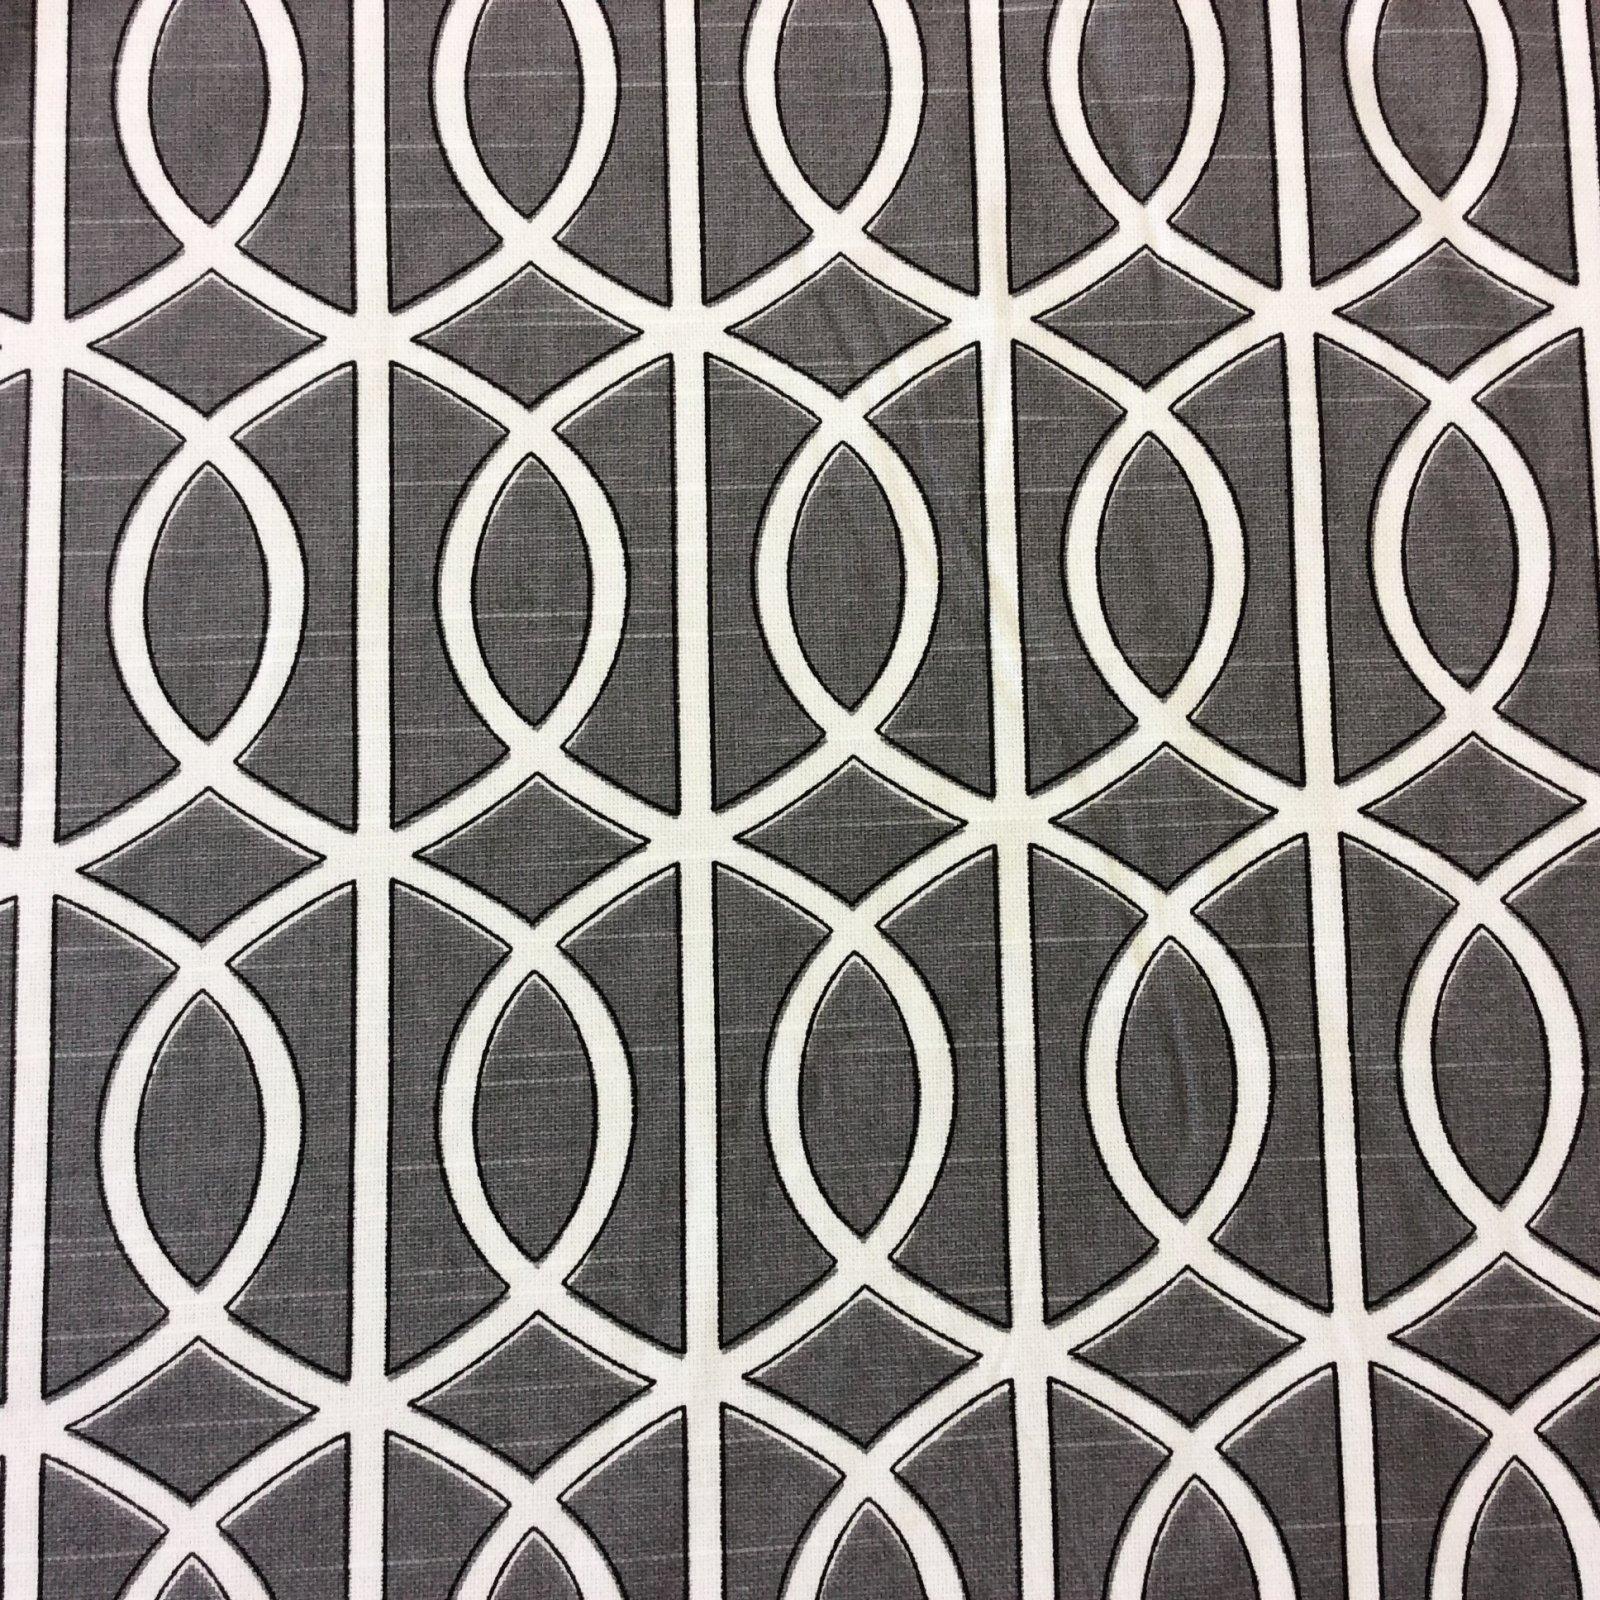 Dwell Studio Grey Smoke White Lattice Gate Modern Cotton Fabric Drapery Upholstery 24 Yard Hd400